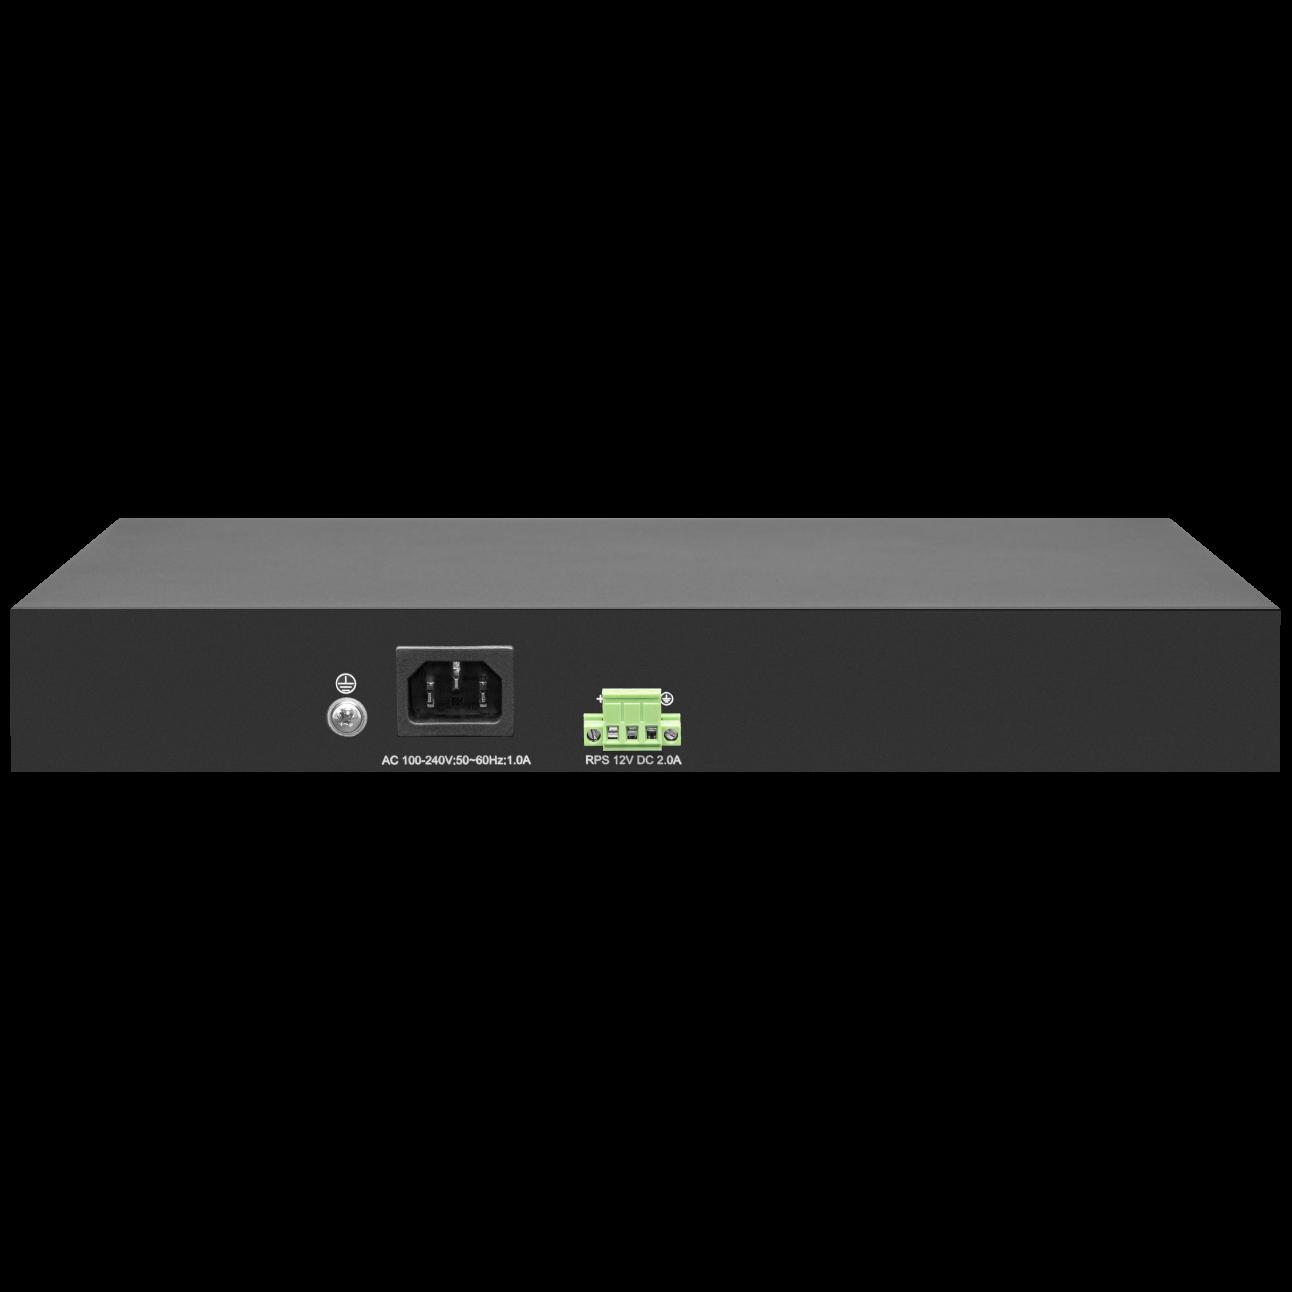 Управляемый коммутатор уровня 3 SNR-S2995G-12FX-UPS